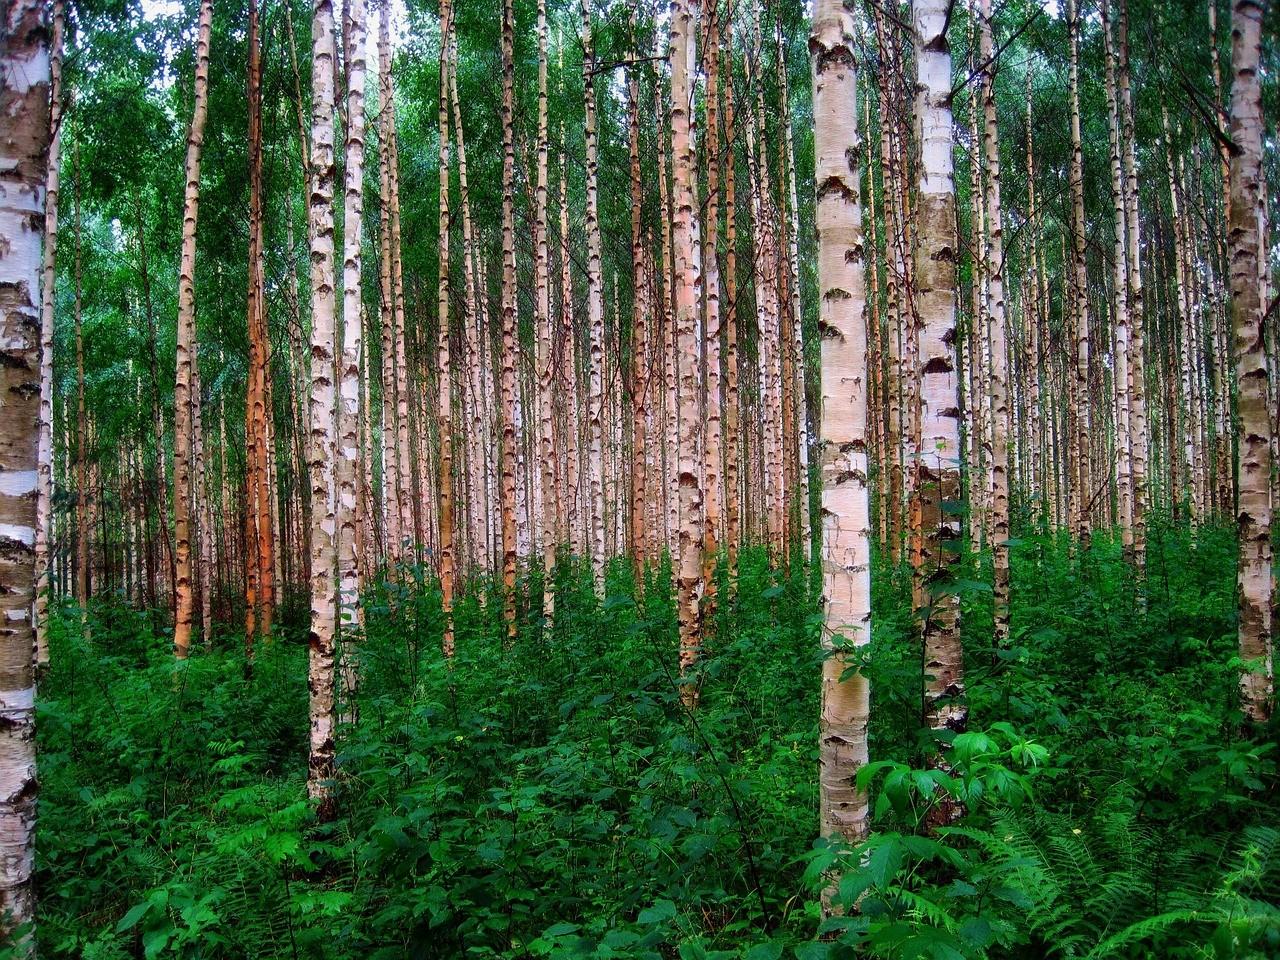 Egy magyar-finn-osztrák kutatócsoport szerint alszanak a fák.